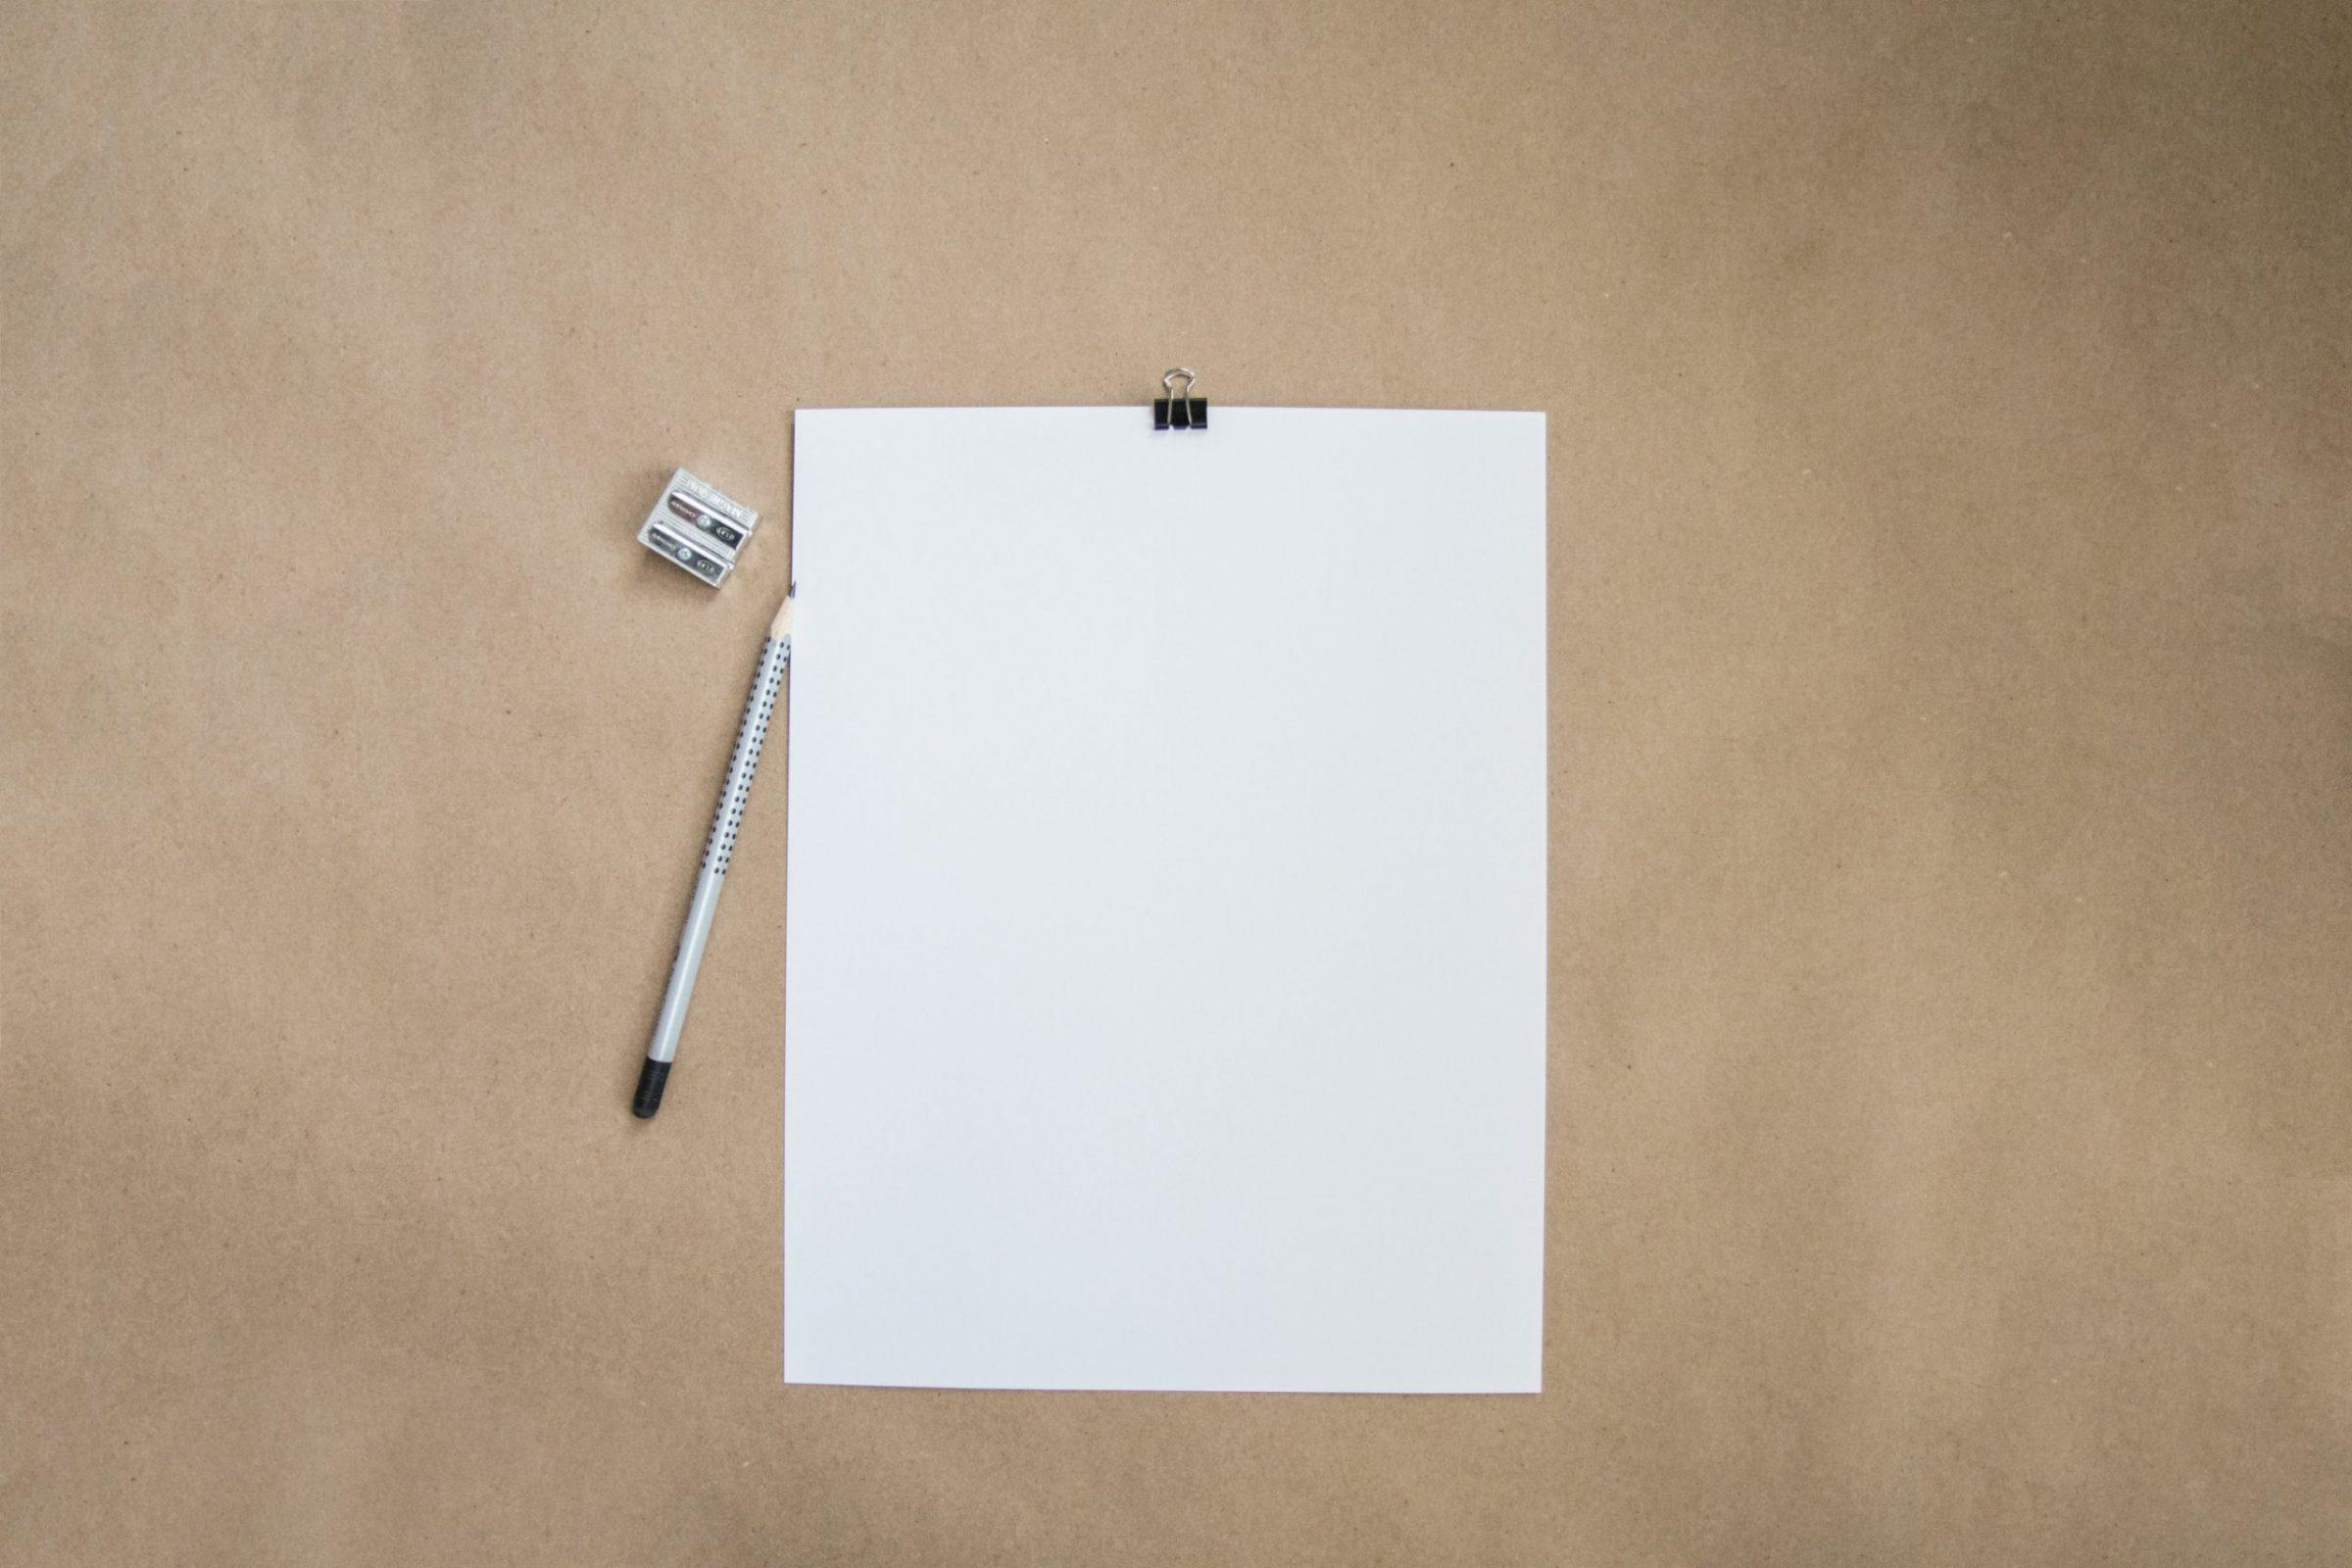 辭職信, resign letter